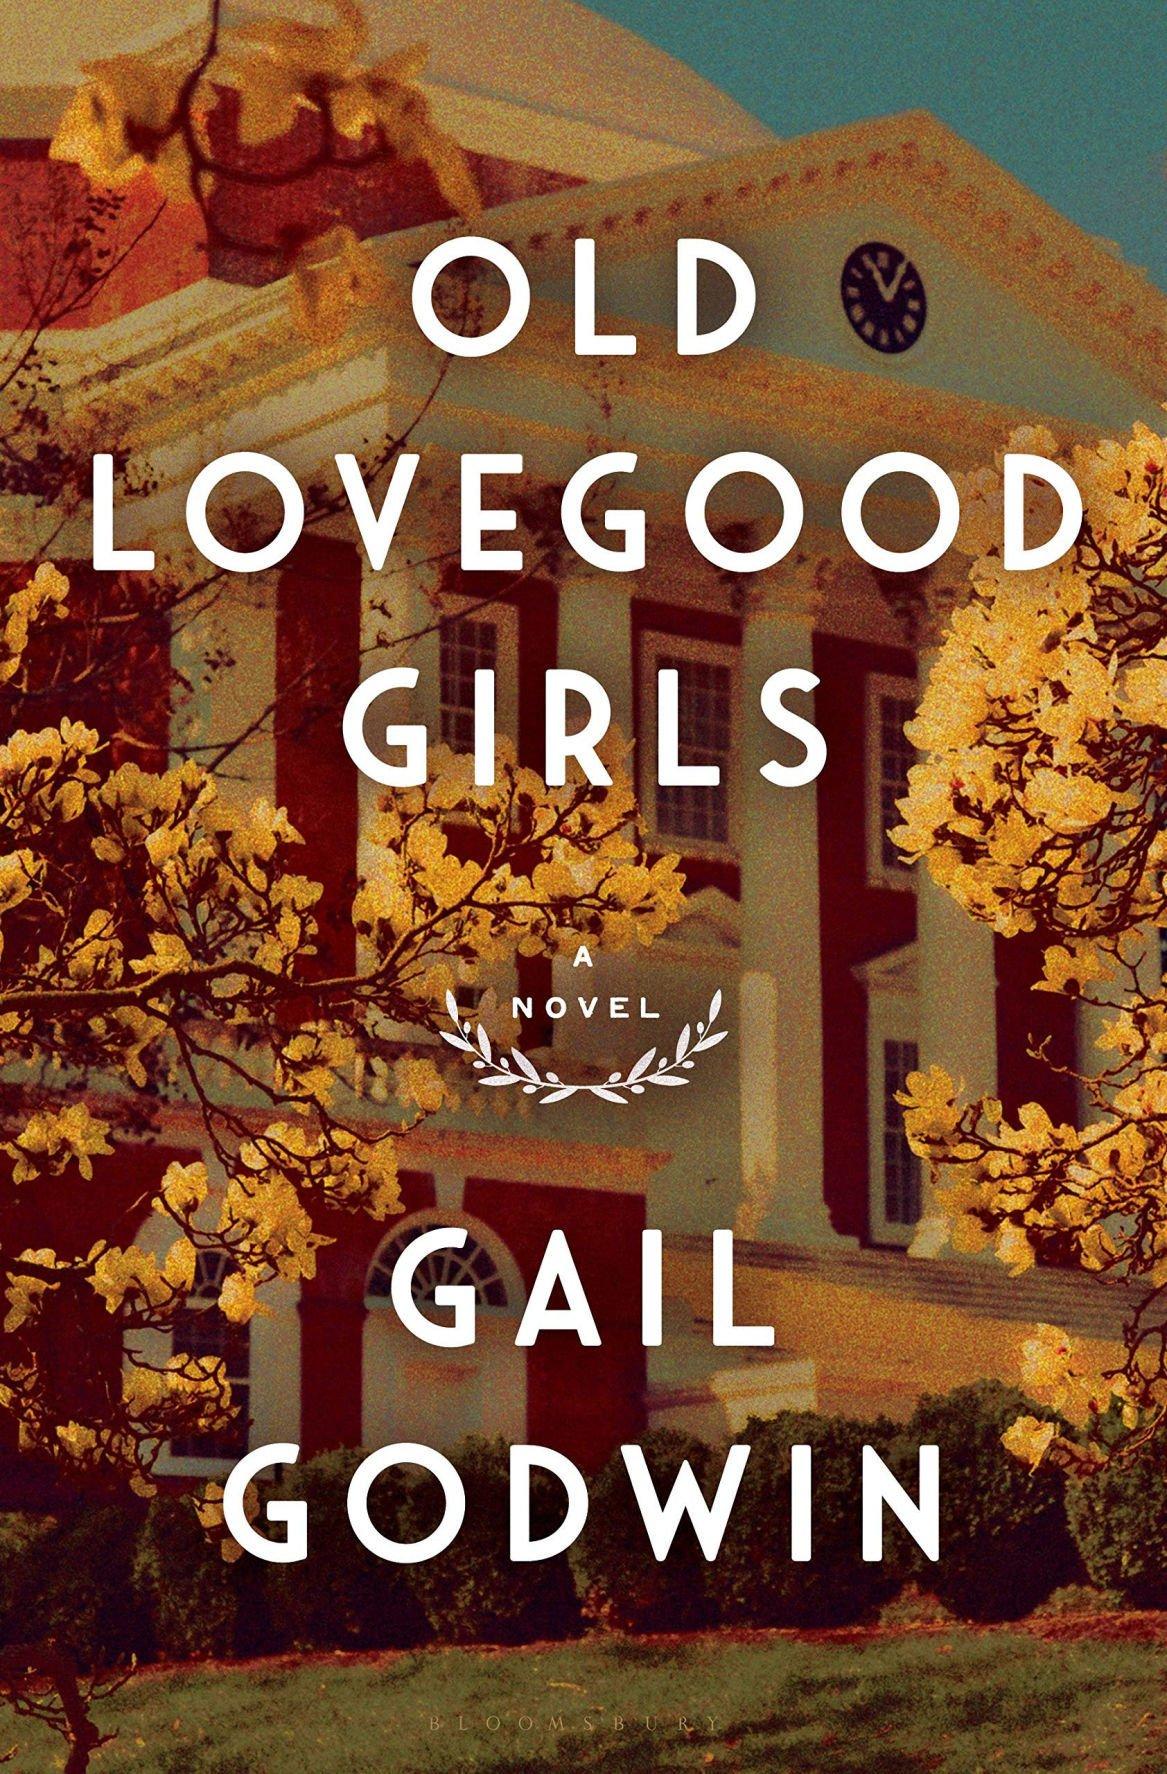 Old Lovegood Girls cover.jpg